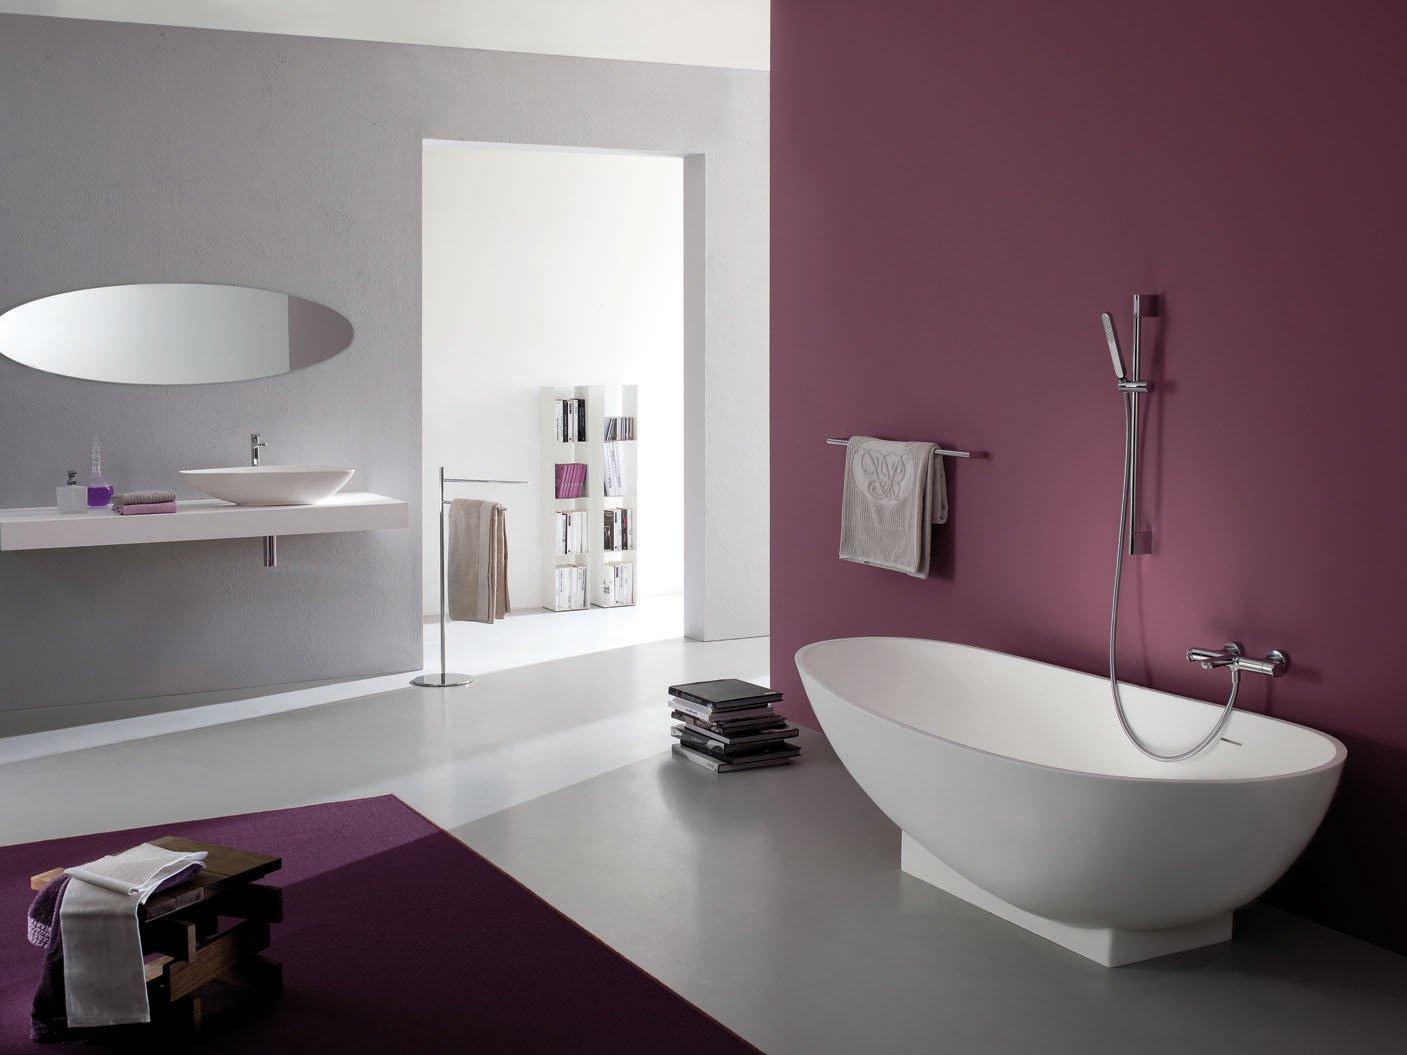 Lineaviva la linea bagno dallo stile elegante e raffinato for Linea g bagno